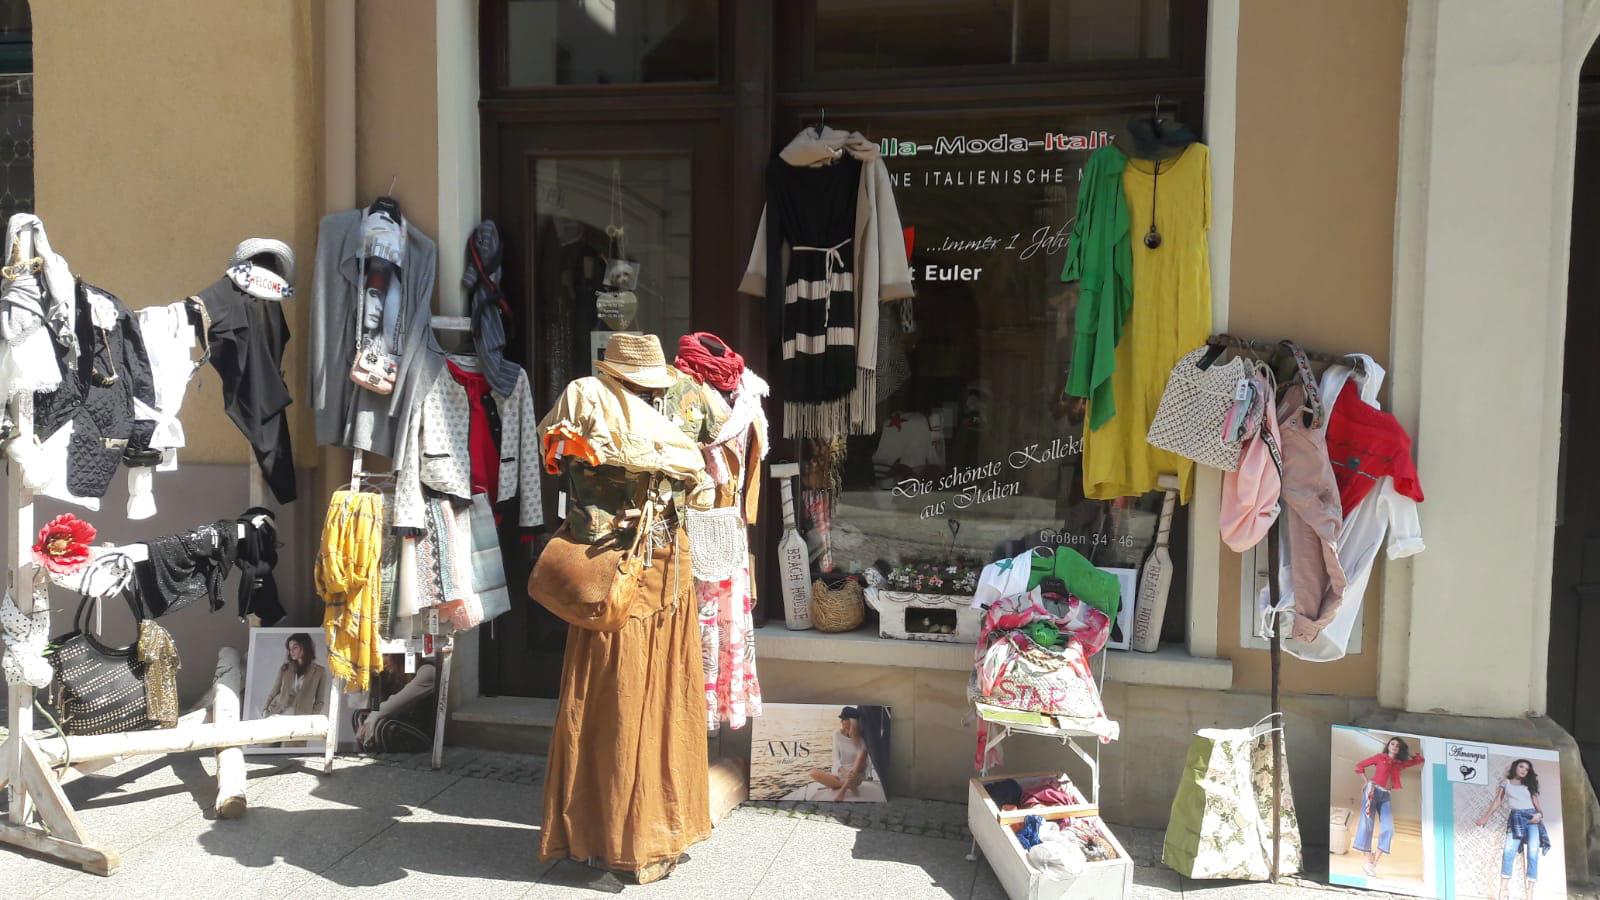 Das Modegeschäft in Zittau - Bella Moda Italia